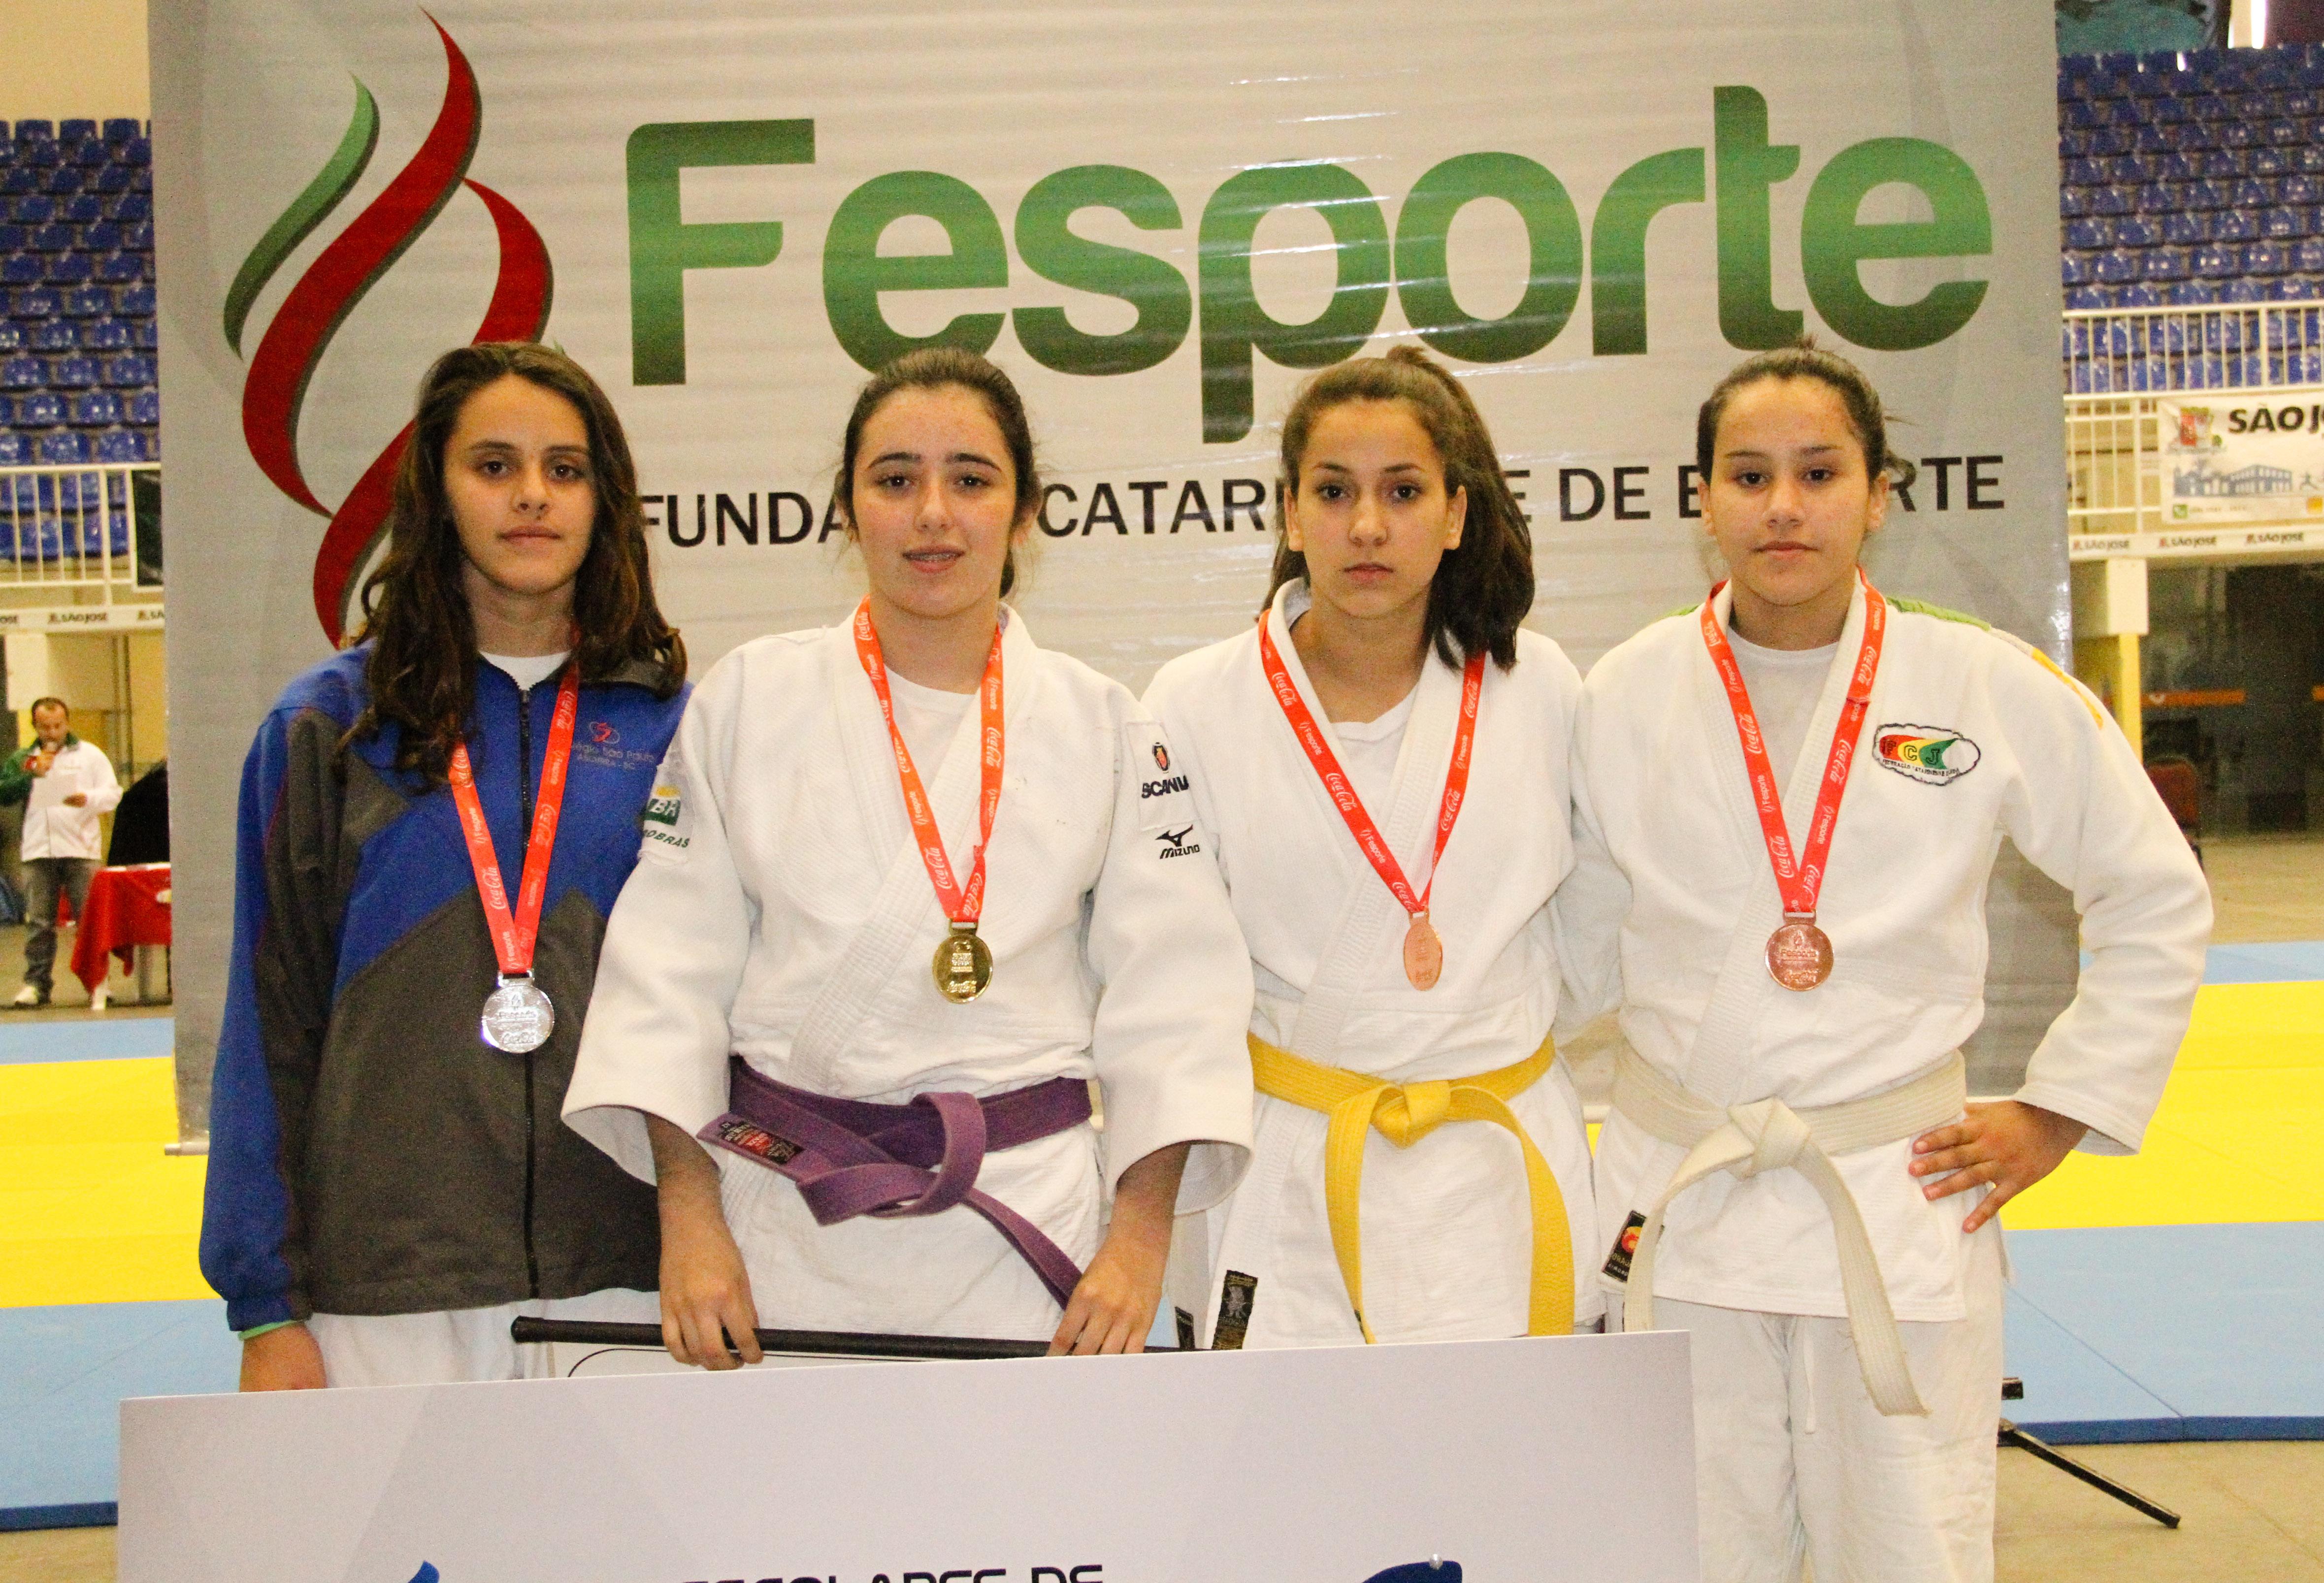 Asccsp23072014_-_salesianos_judo_jesc__2_